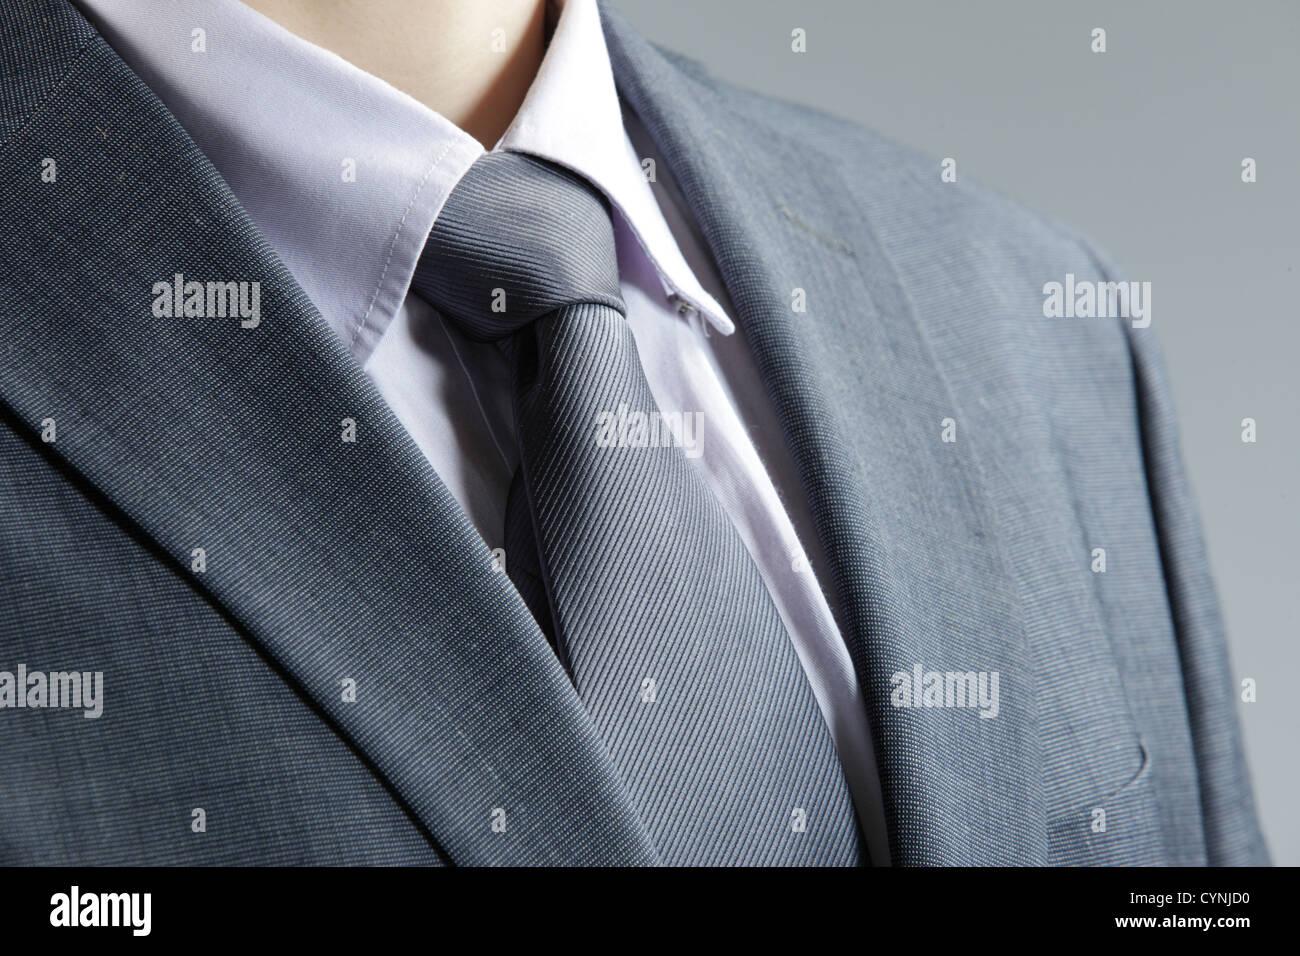 Nahaufnahme des klassischen Business-Outfit mit Krawatte und eleganter Blazer. Stockbild